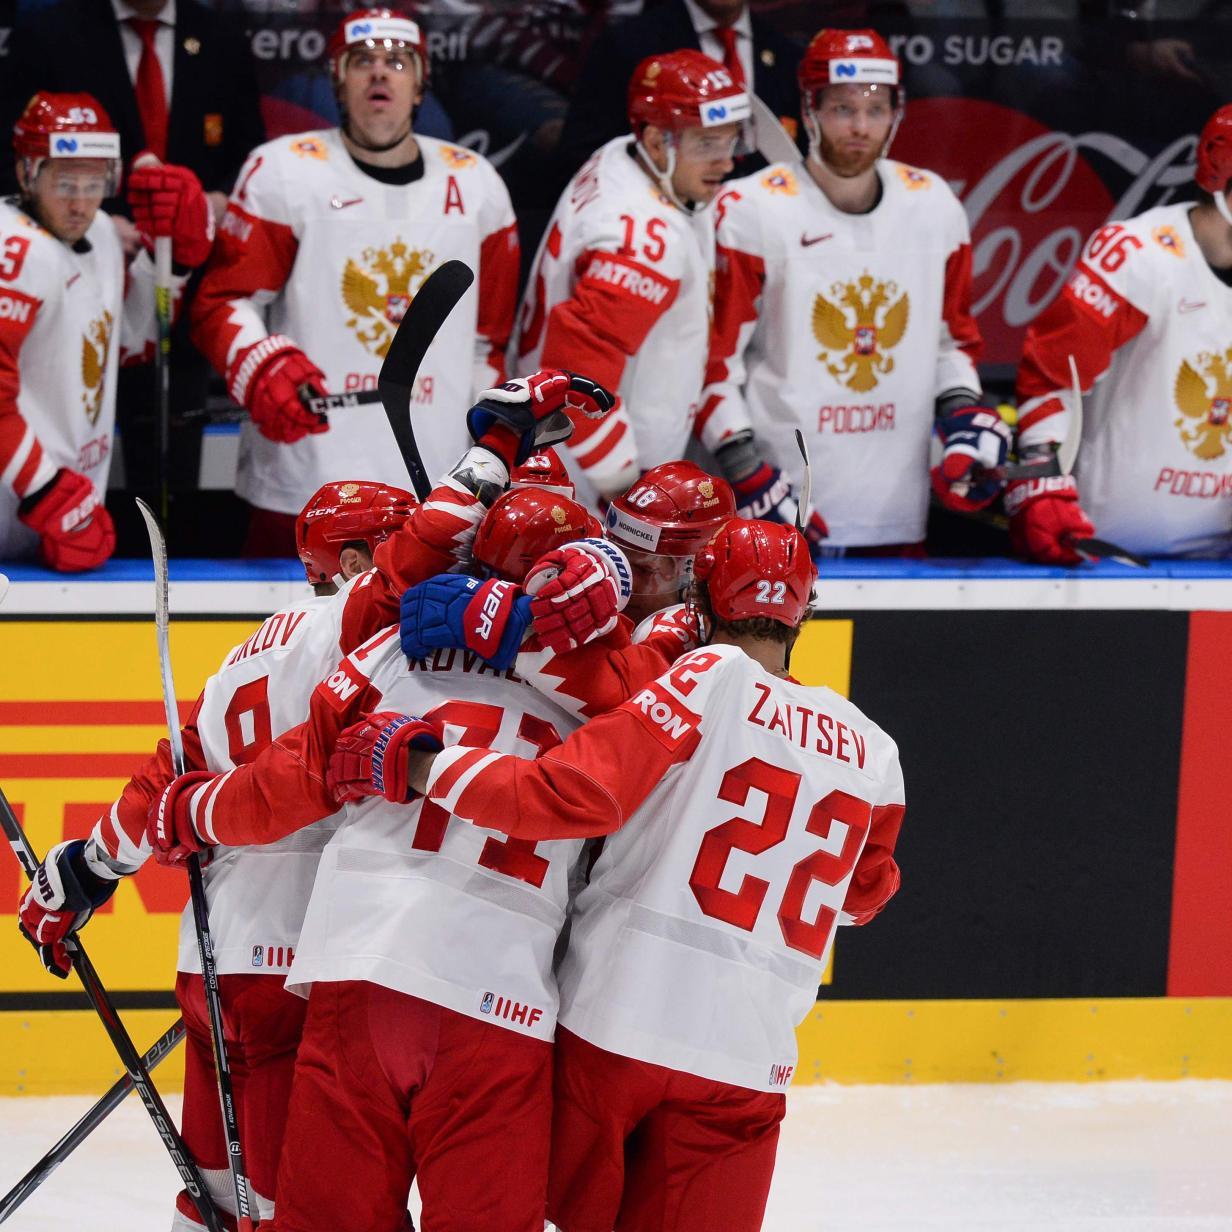 Eishockey-WM: Russland und Finnland erste Viertelfinalisten